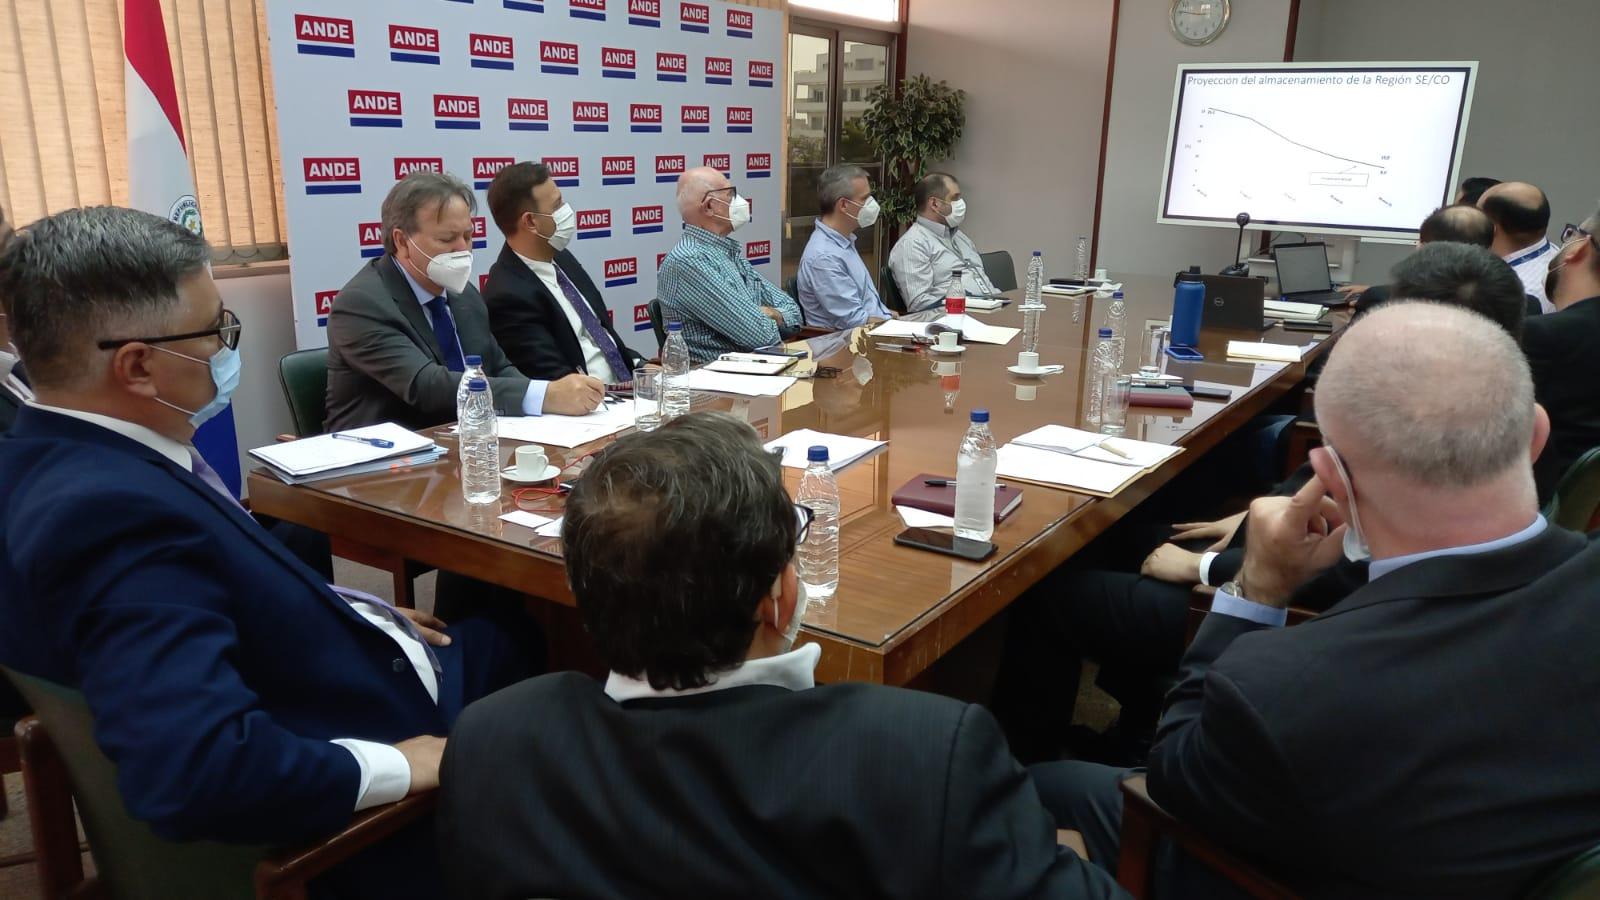 Se realizó la primera reunión del equipo técnico para el análisis de la situación hidrológica del Paraná